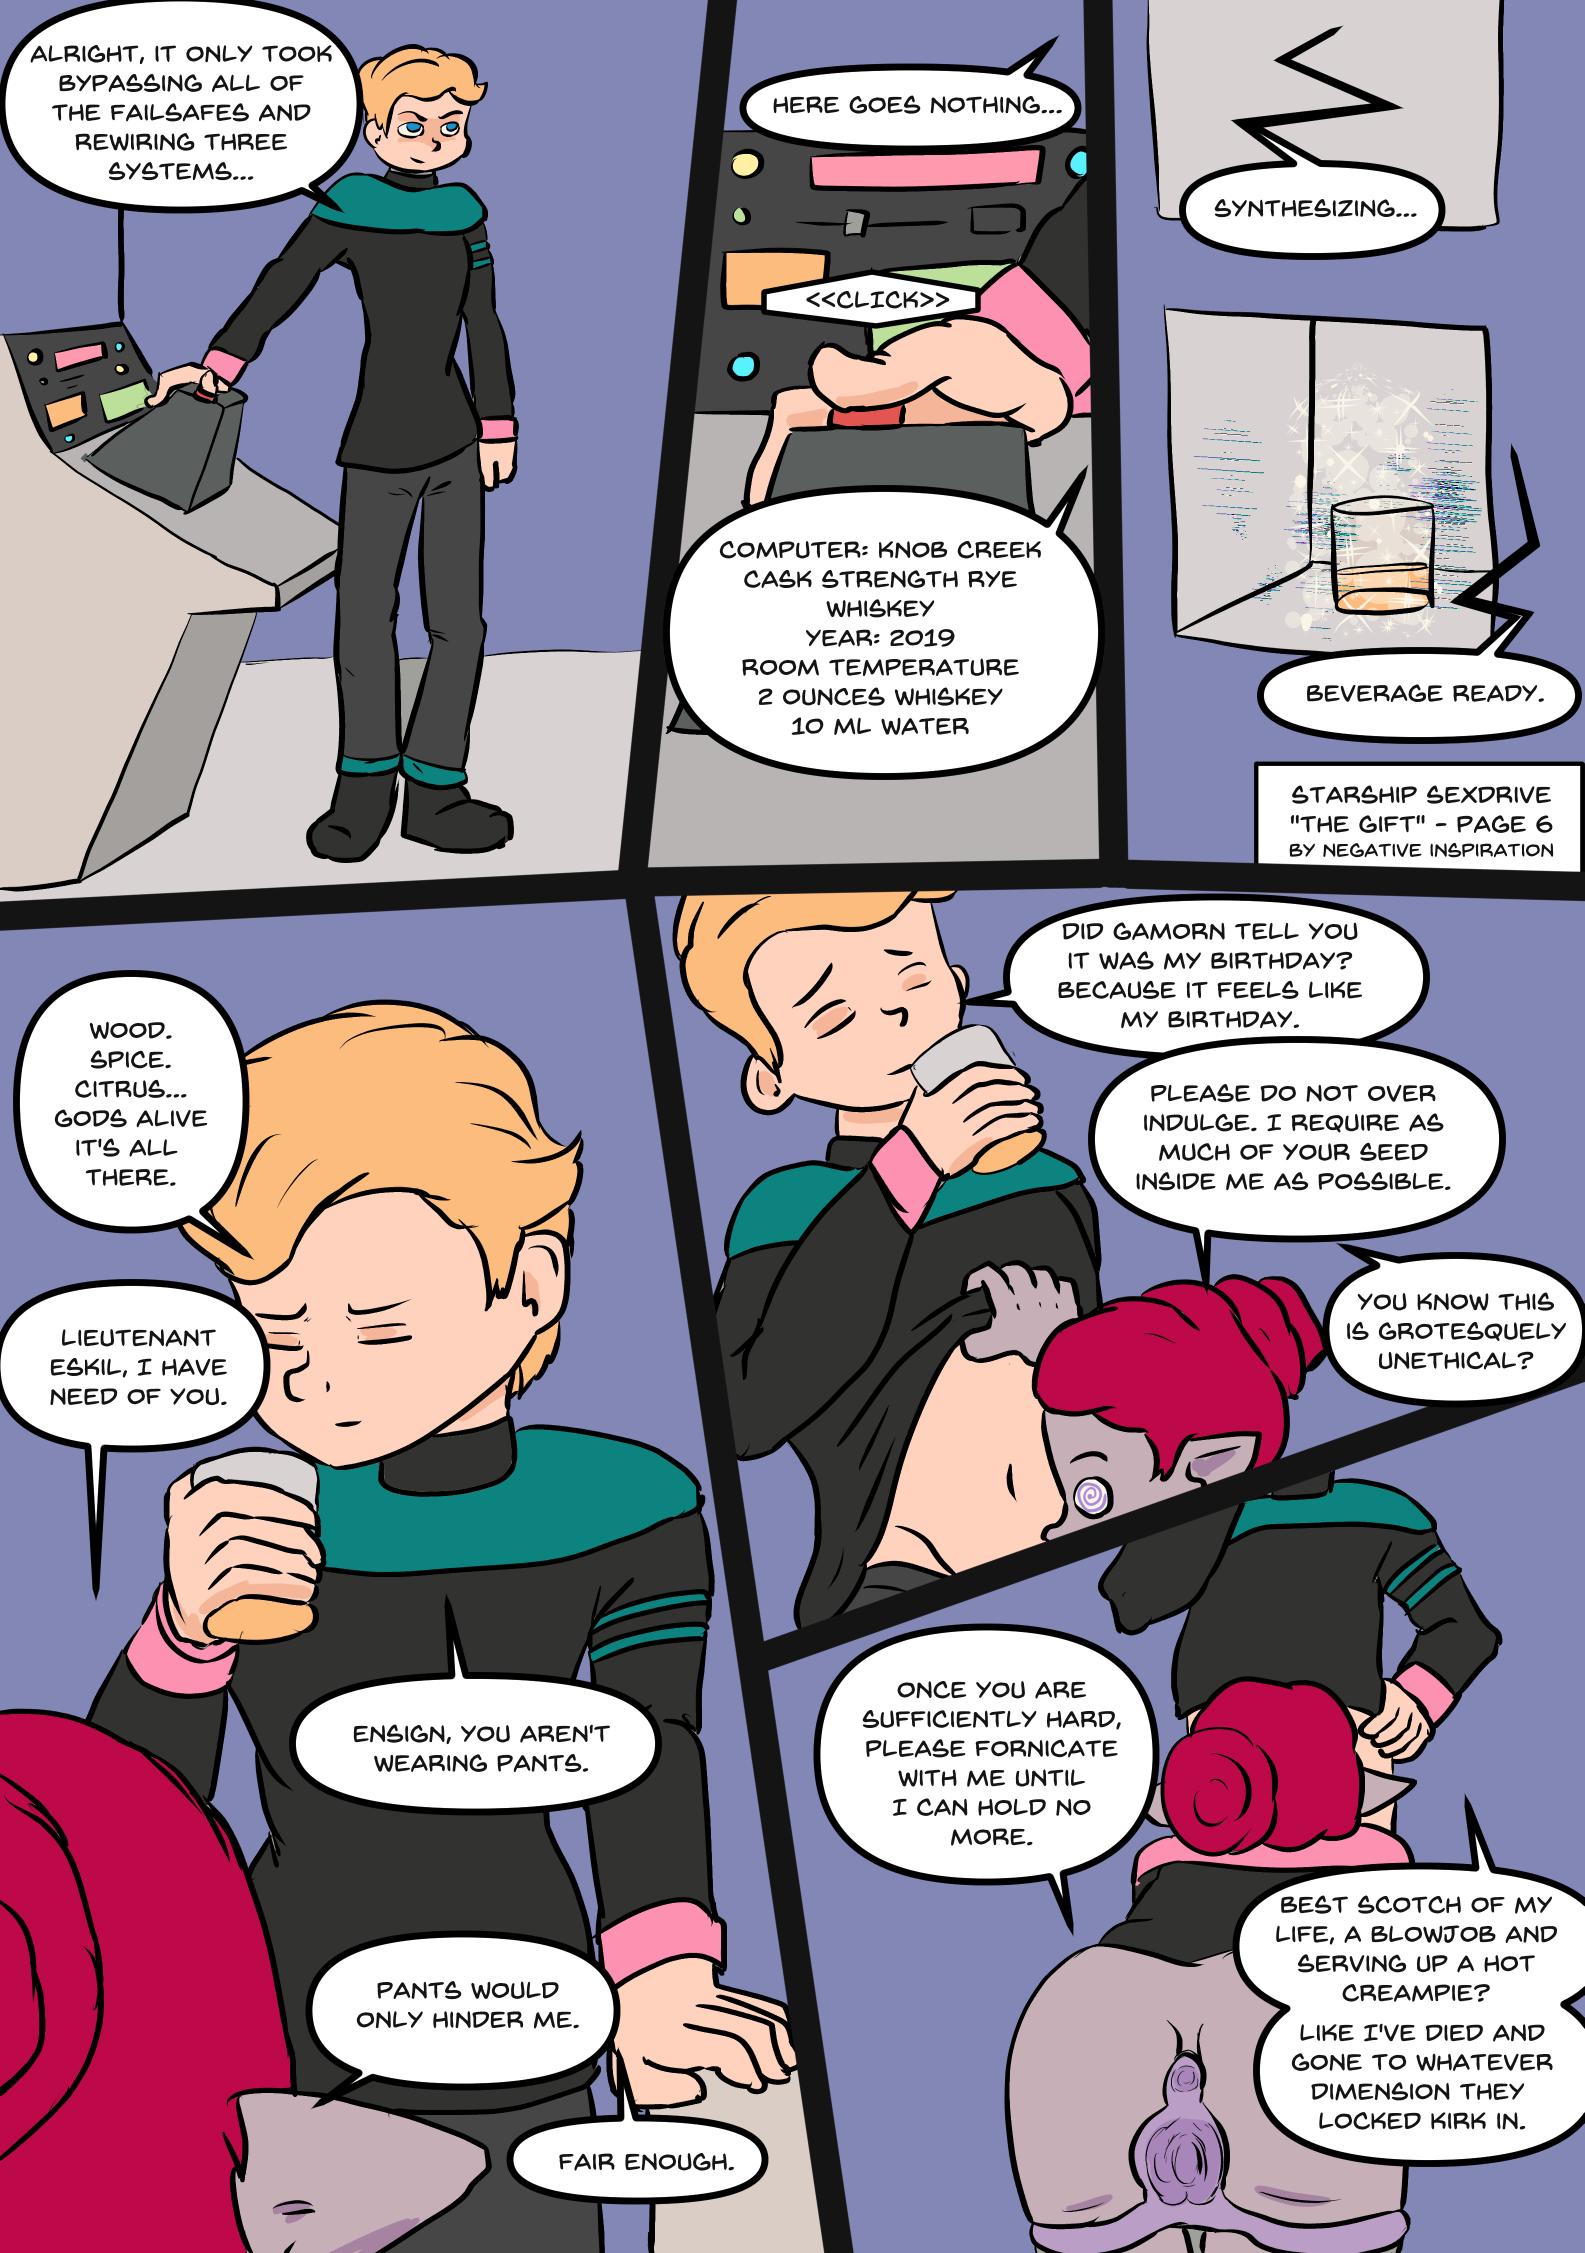 Starshipsexdrive - Page 06